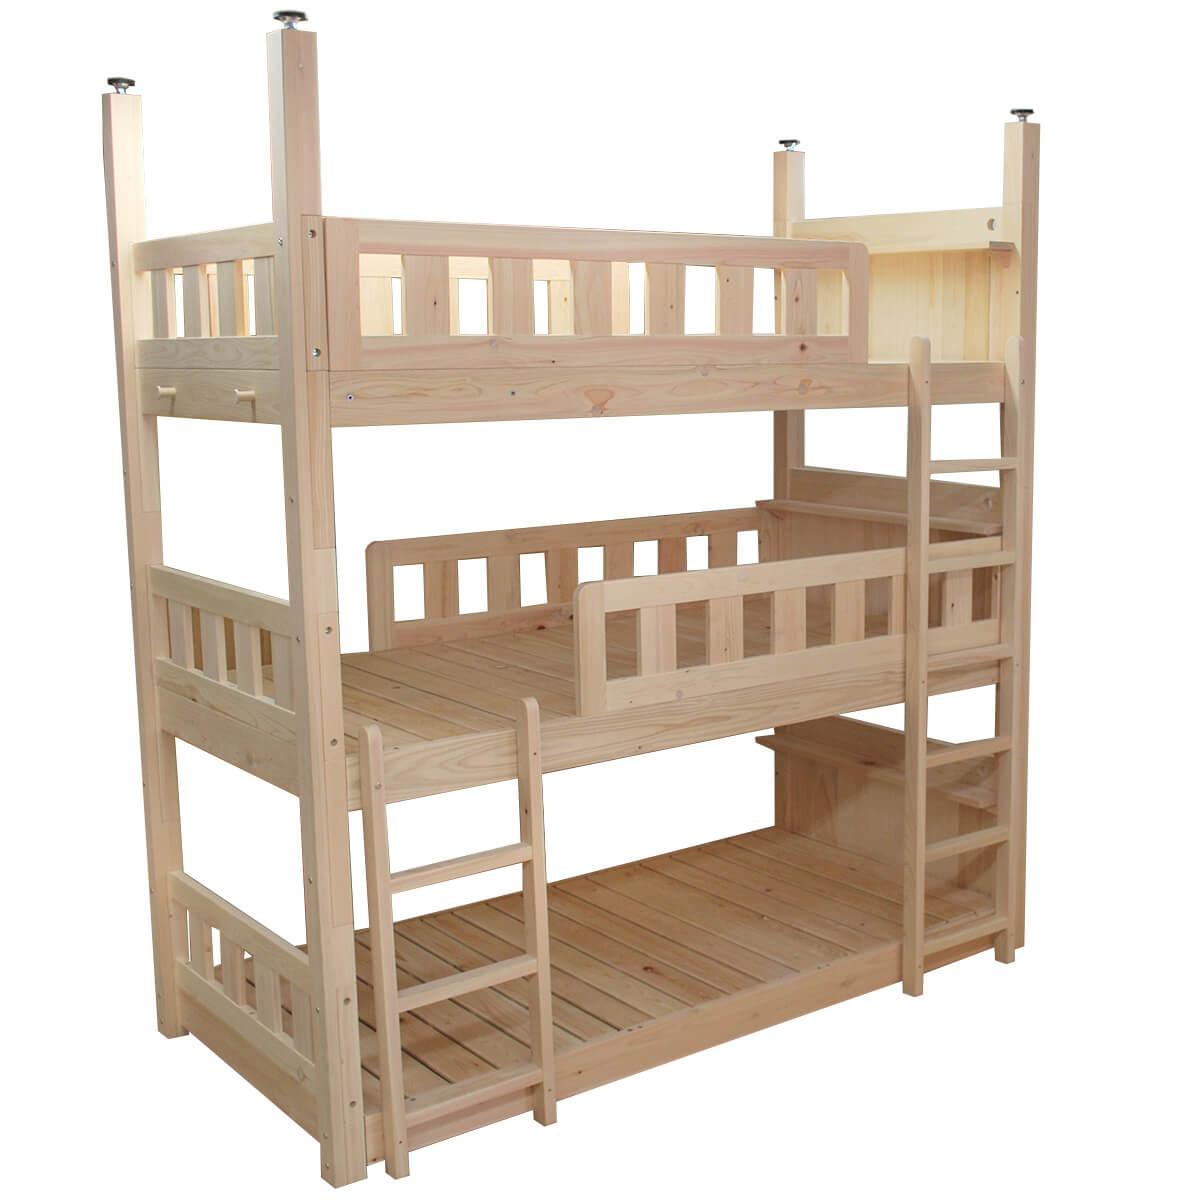 [サイズ変更可能]国産無垢ひのき三段ベッド 棚板付き 無塗装仕上げ1201032 シンプルに三段重ね式